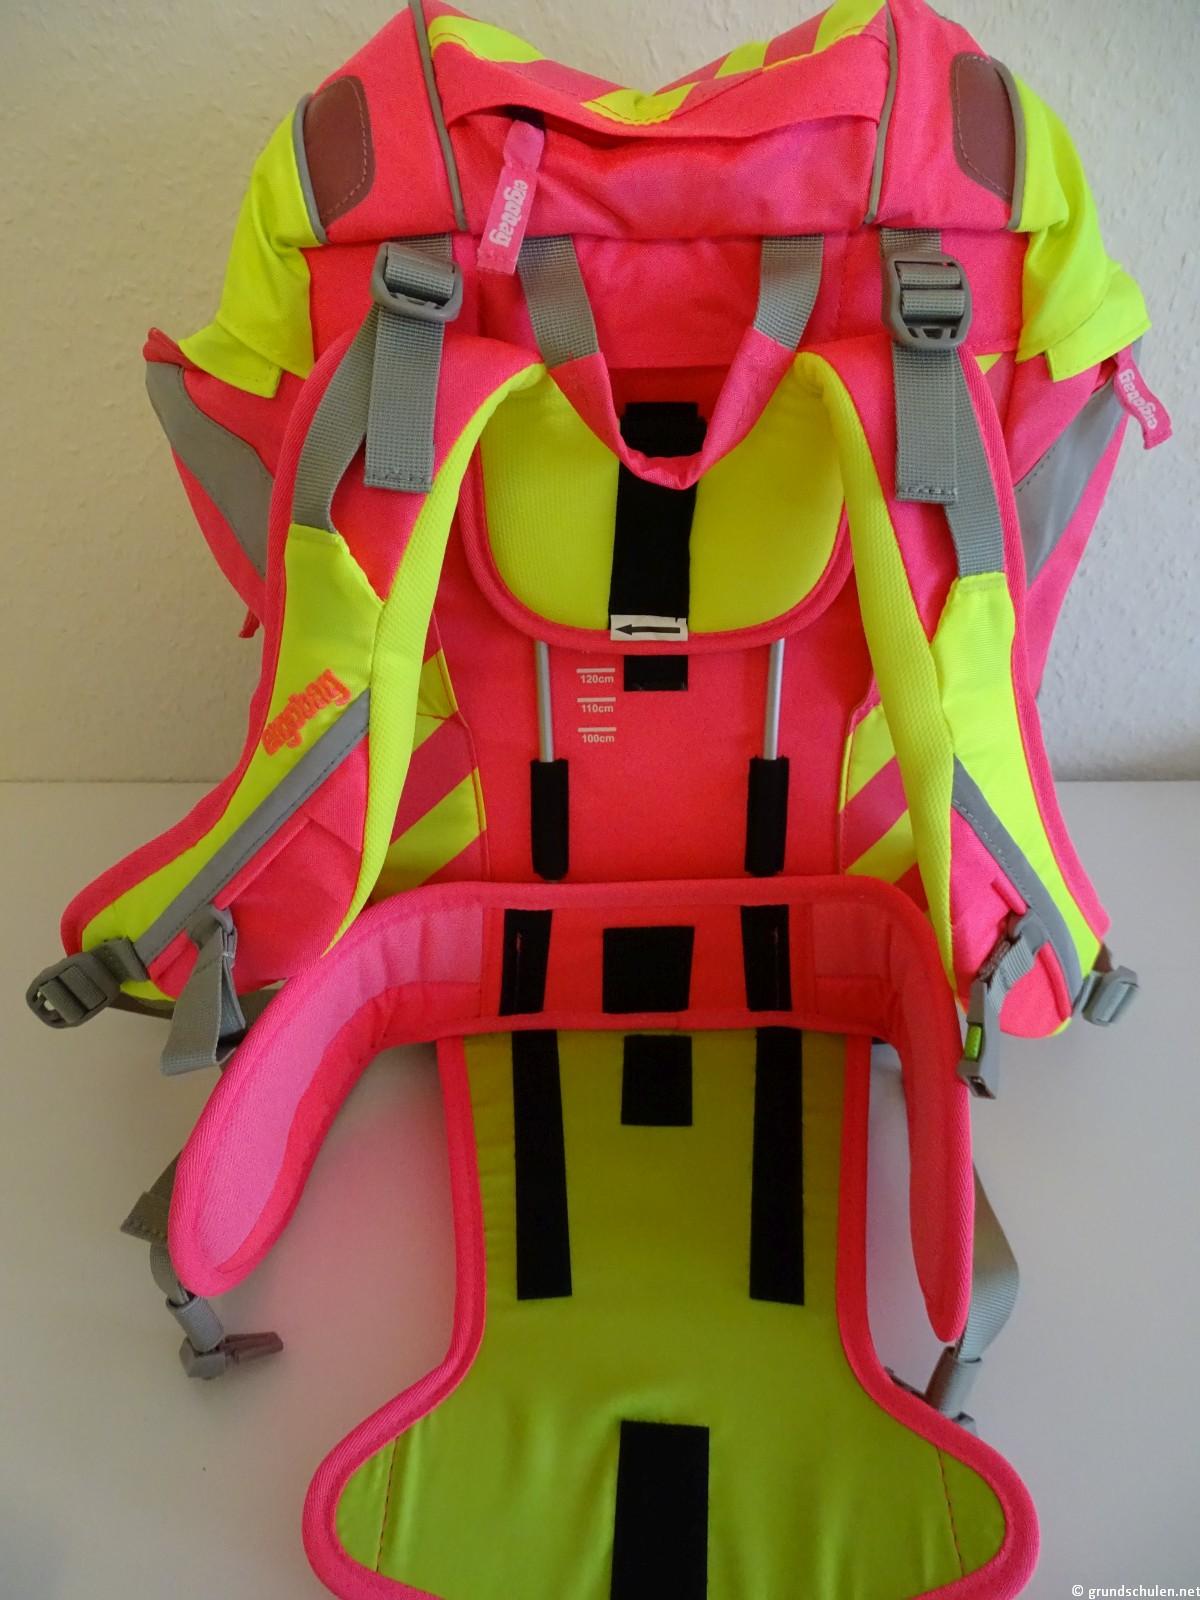 Ergobag Pack Strahlebär Neo Edition Rückenlängenverstellsystem